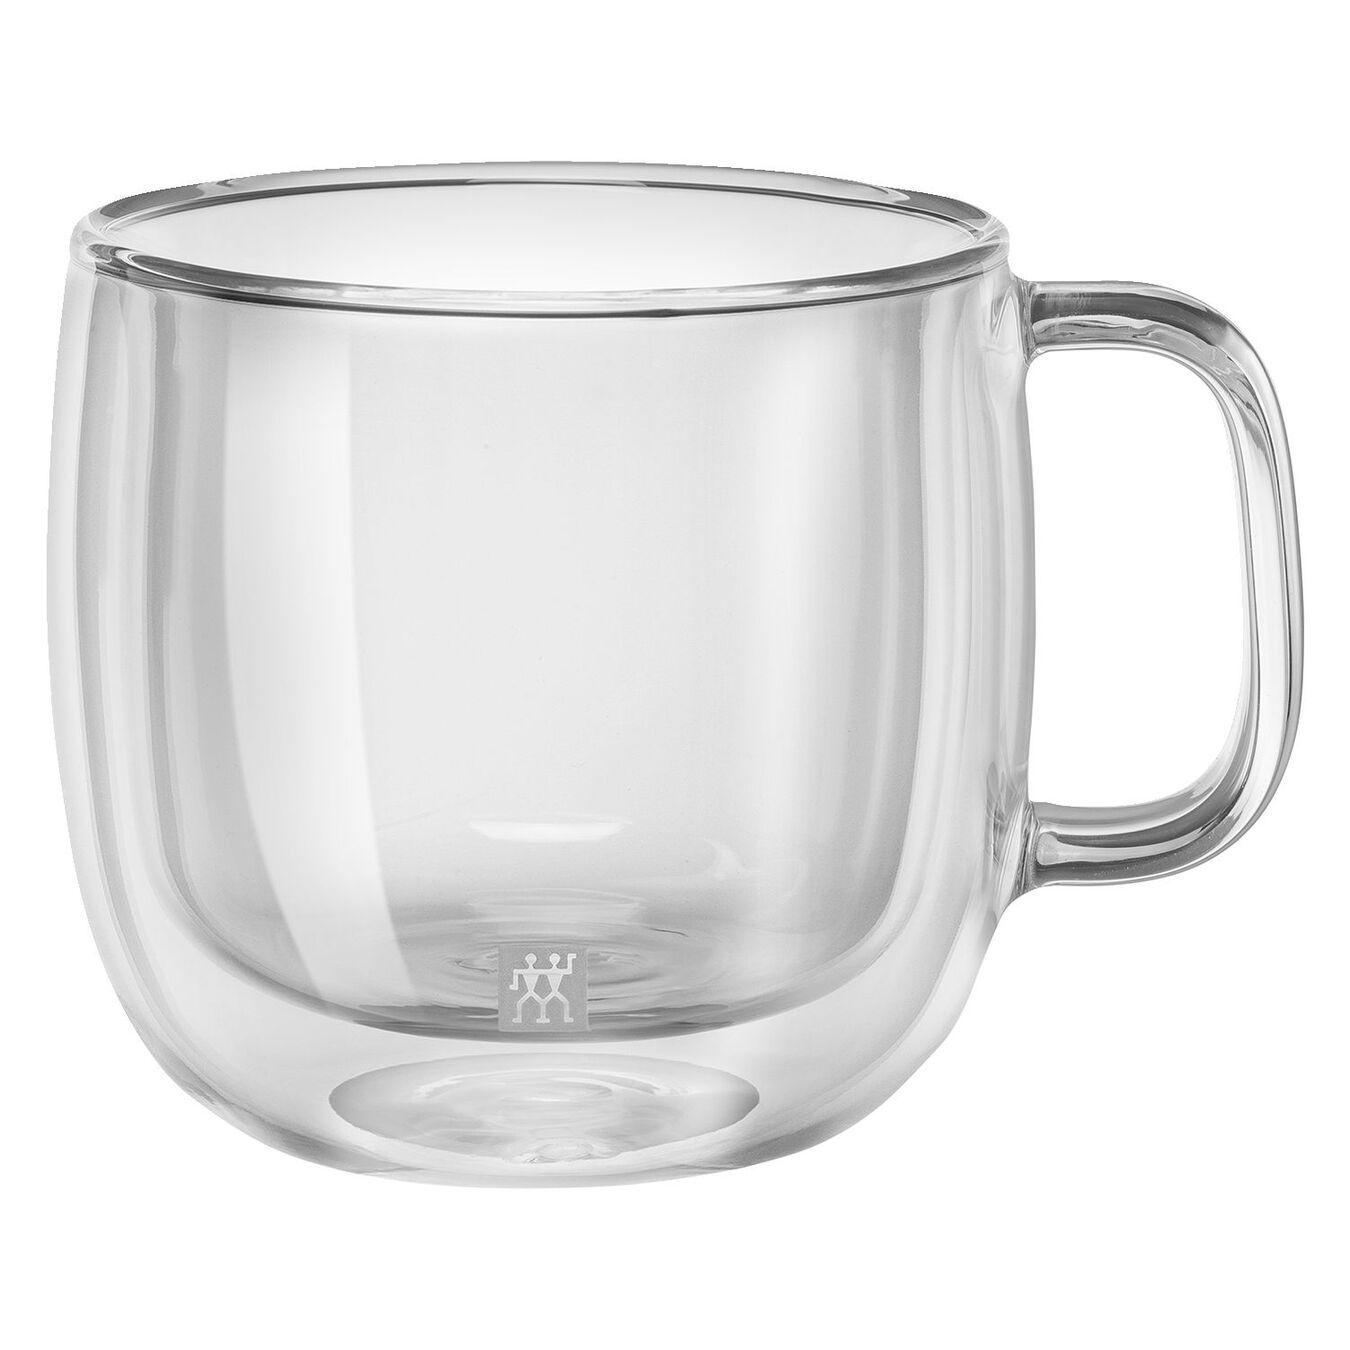 Conjunto de copos para capuccino 2 un 450 ml,,large 1